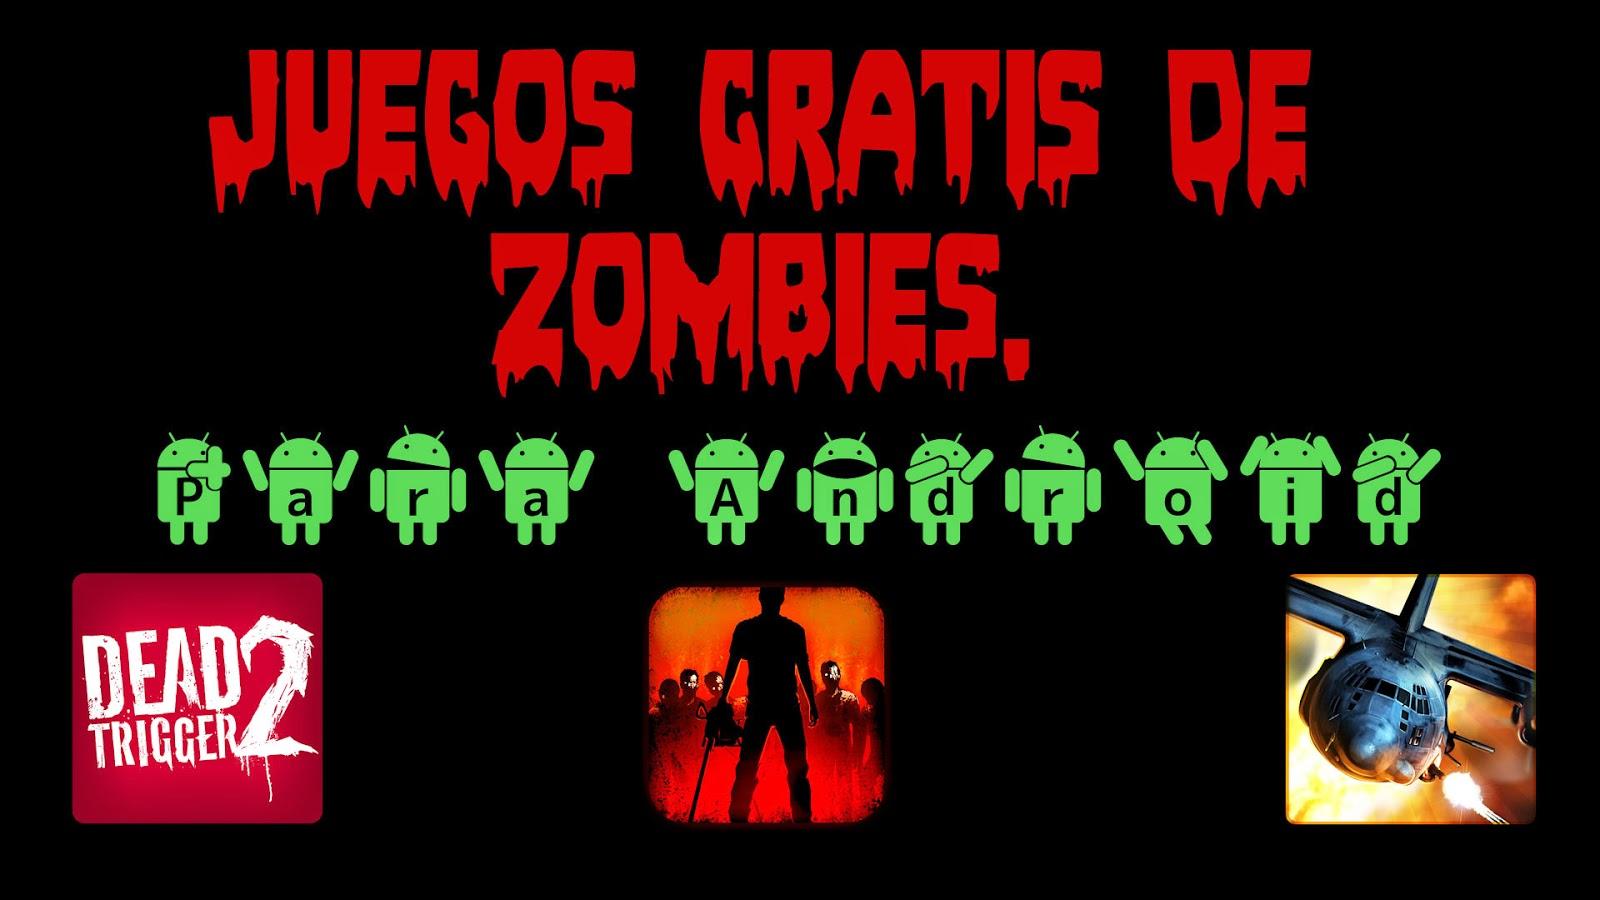 Juegos Gratis de Zombies para Android.